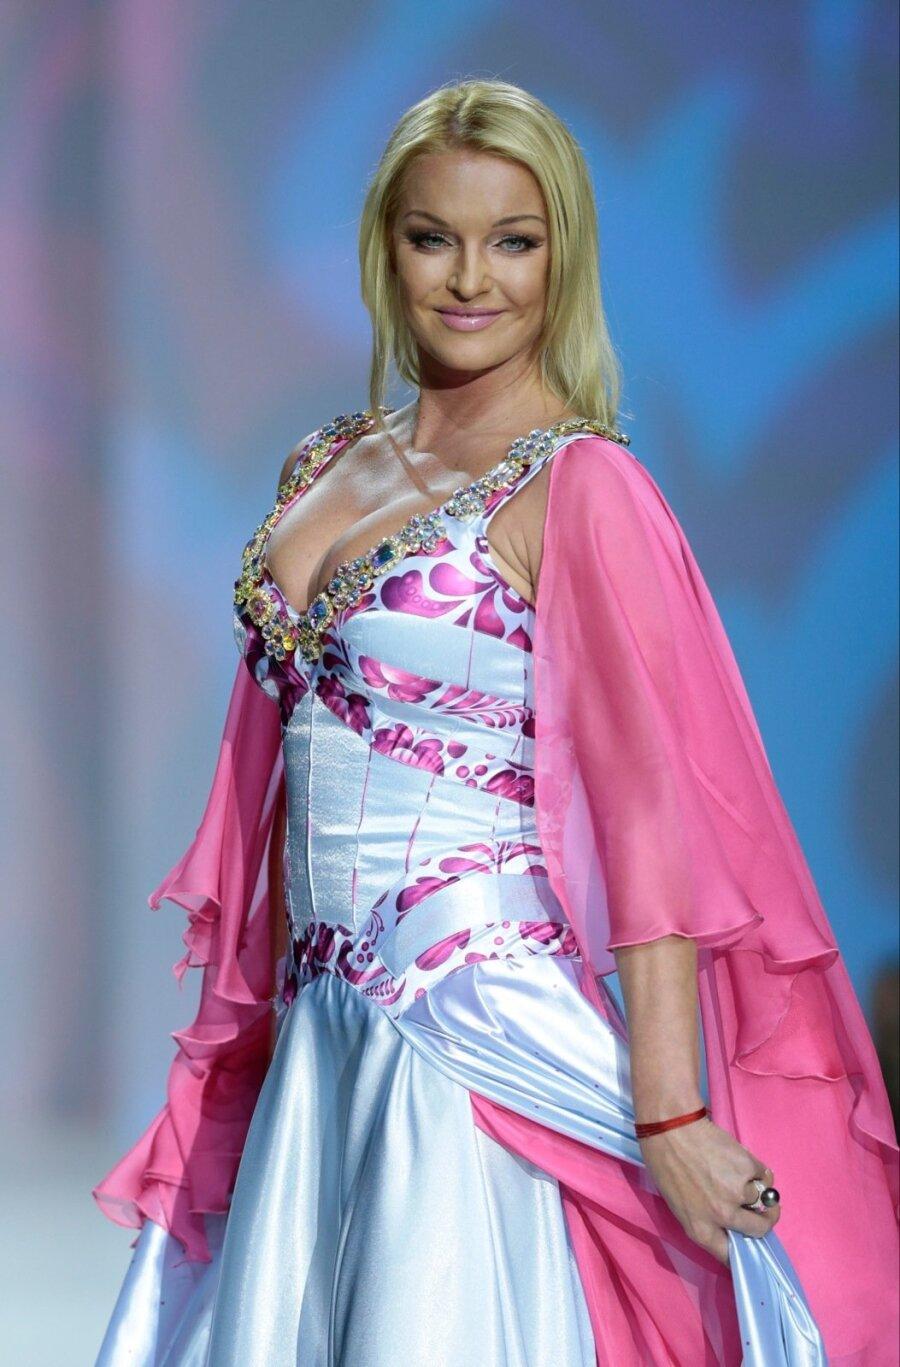 Анастасия Волочкова заявила, что администраторы Большого театра организовывают проституцию